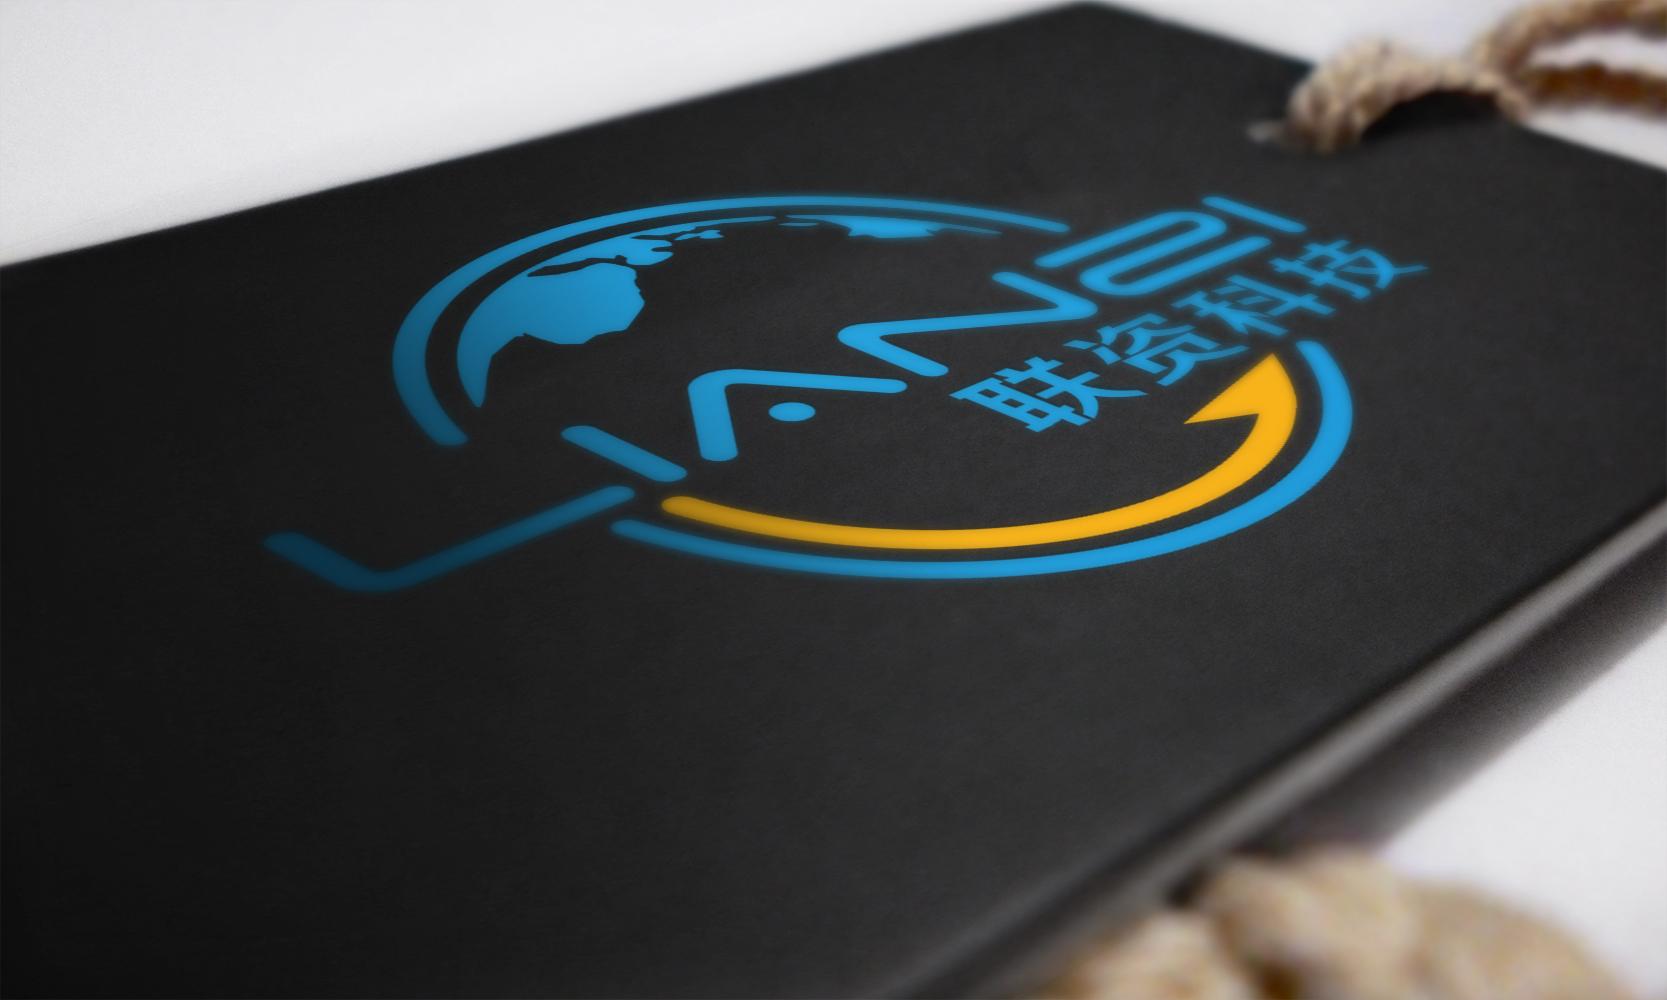 石化行业公司Logo设计_2963335_k68威客网